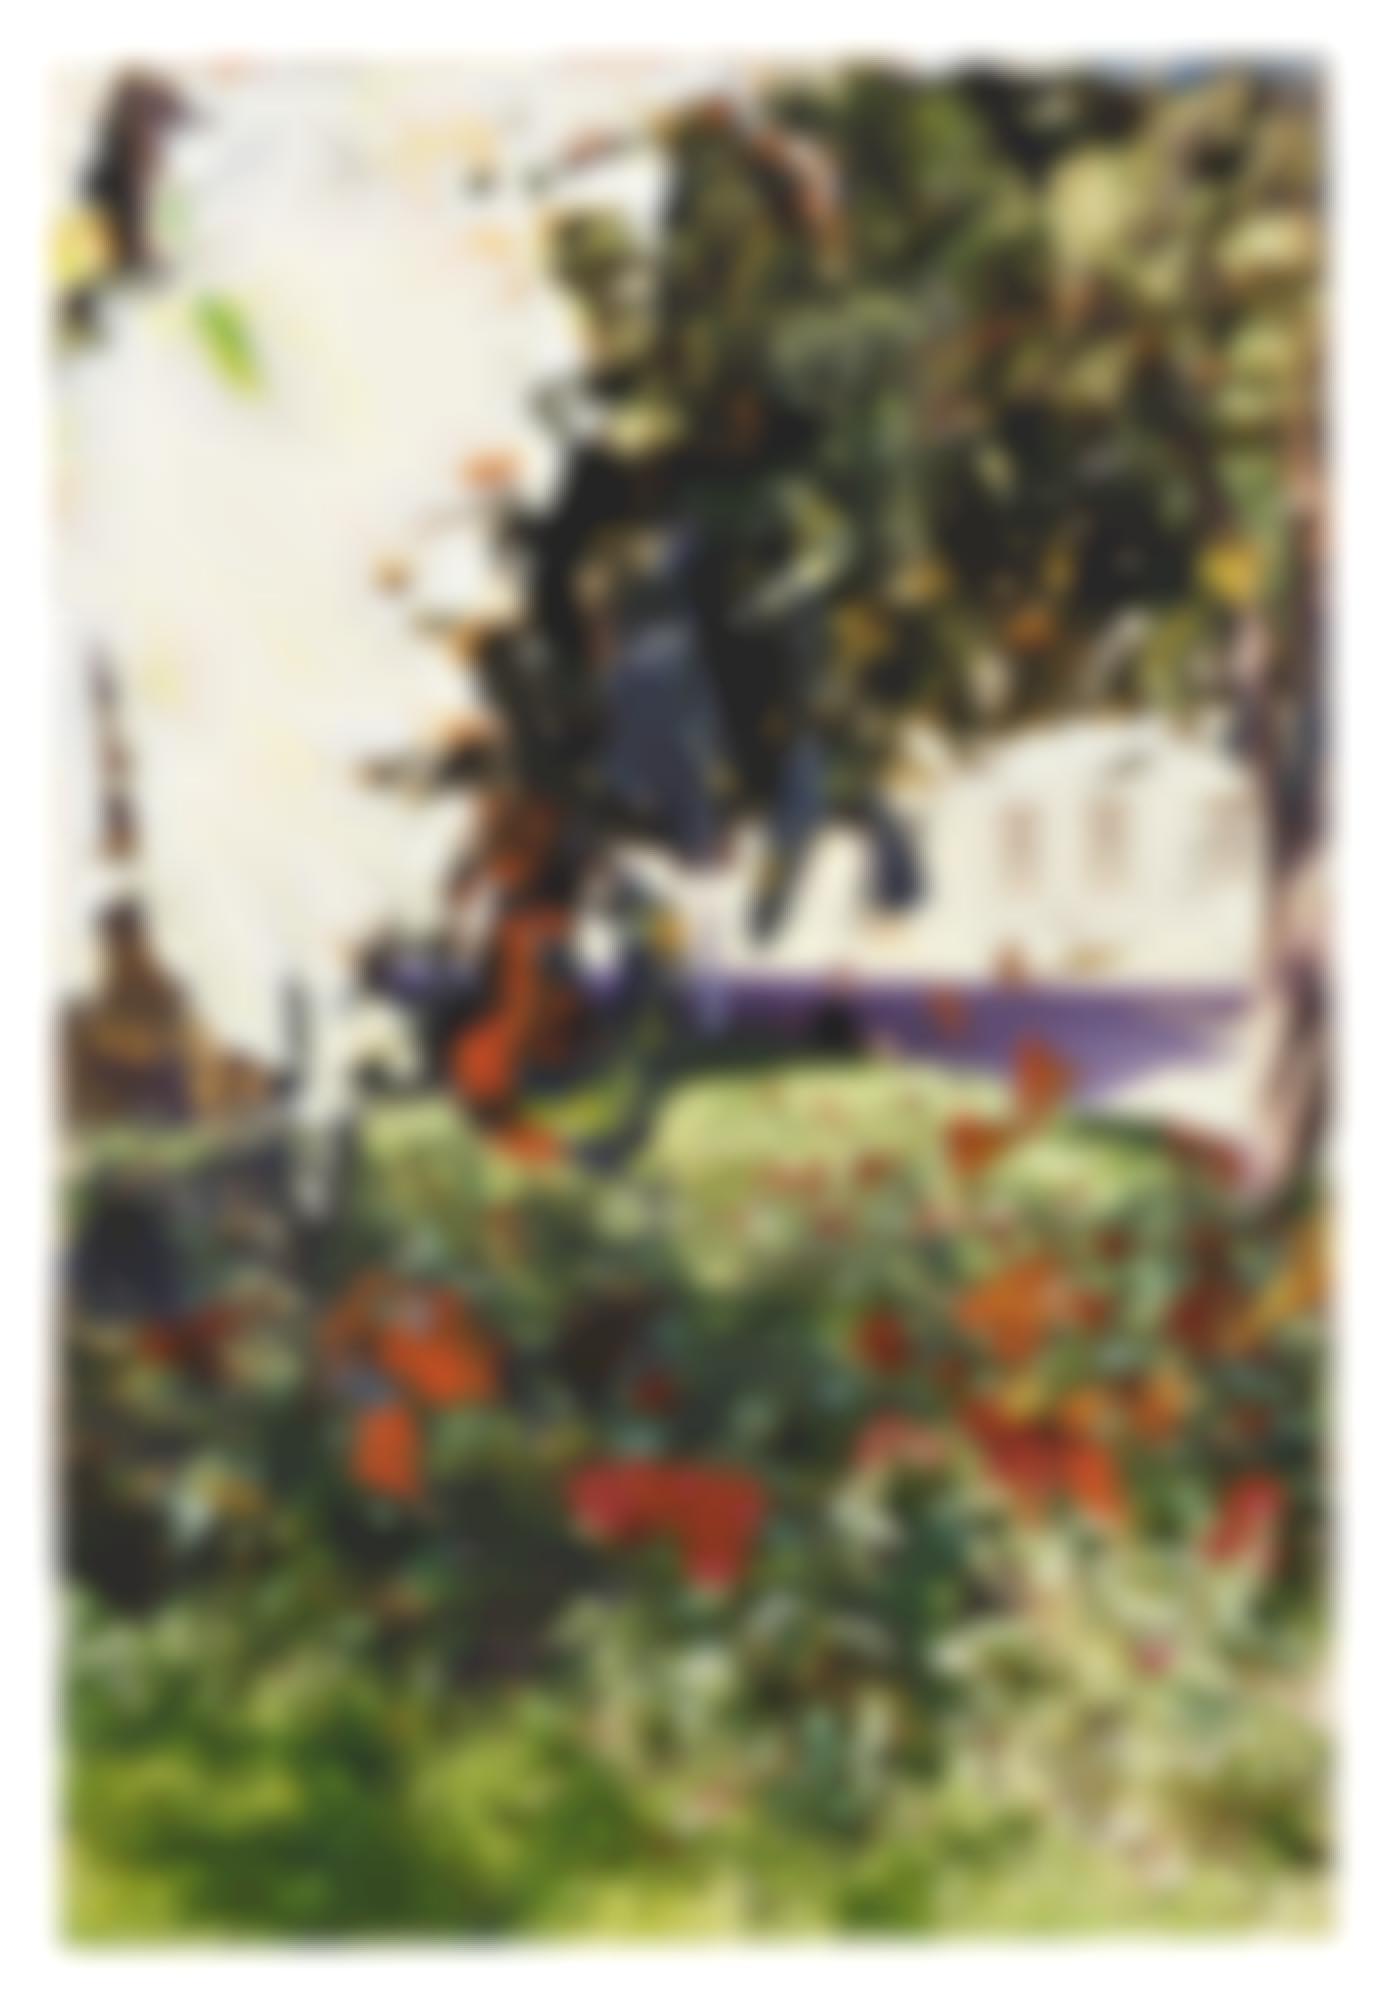 Gerhard Richter-Untitled (5.5.89)-1989